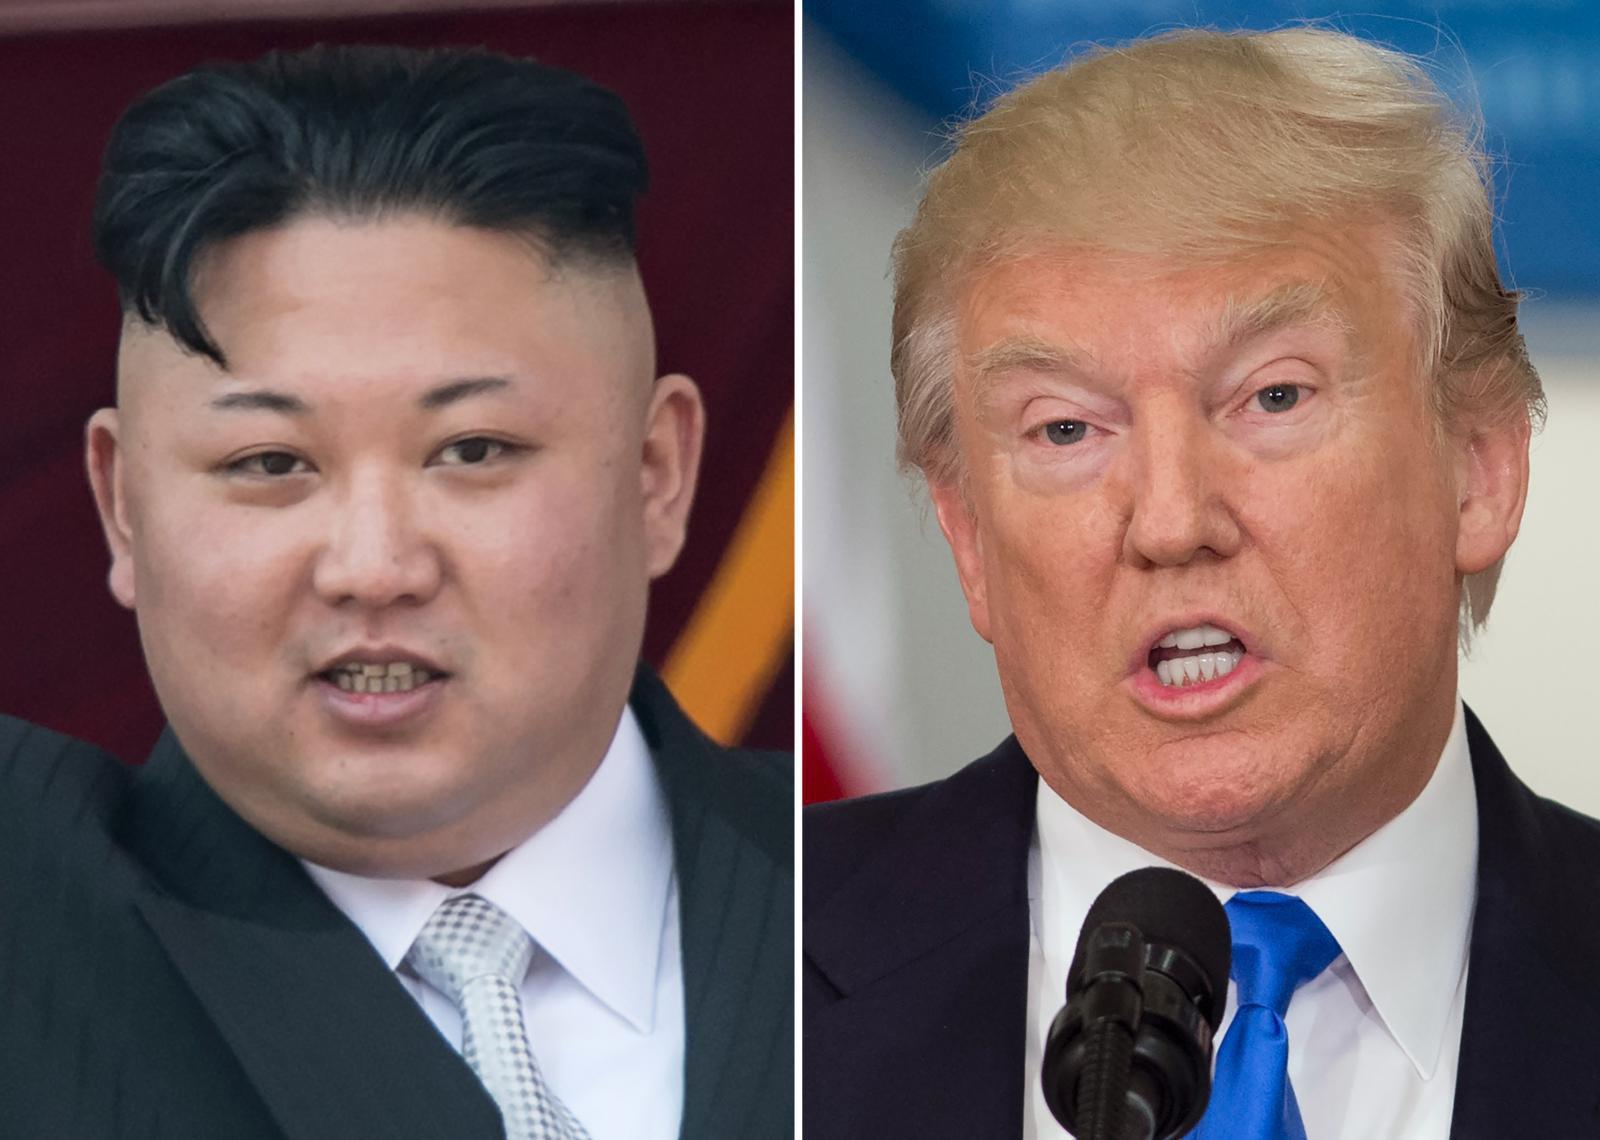 """หน้าตาที่แท้จริง """"ปุ่มกดนิวเคลียร์"""" หลังผู้นำสหรัฐฯ เกทับข่มเกาหลีเหนือ"""